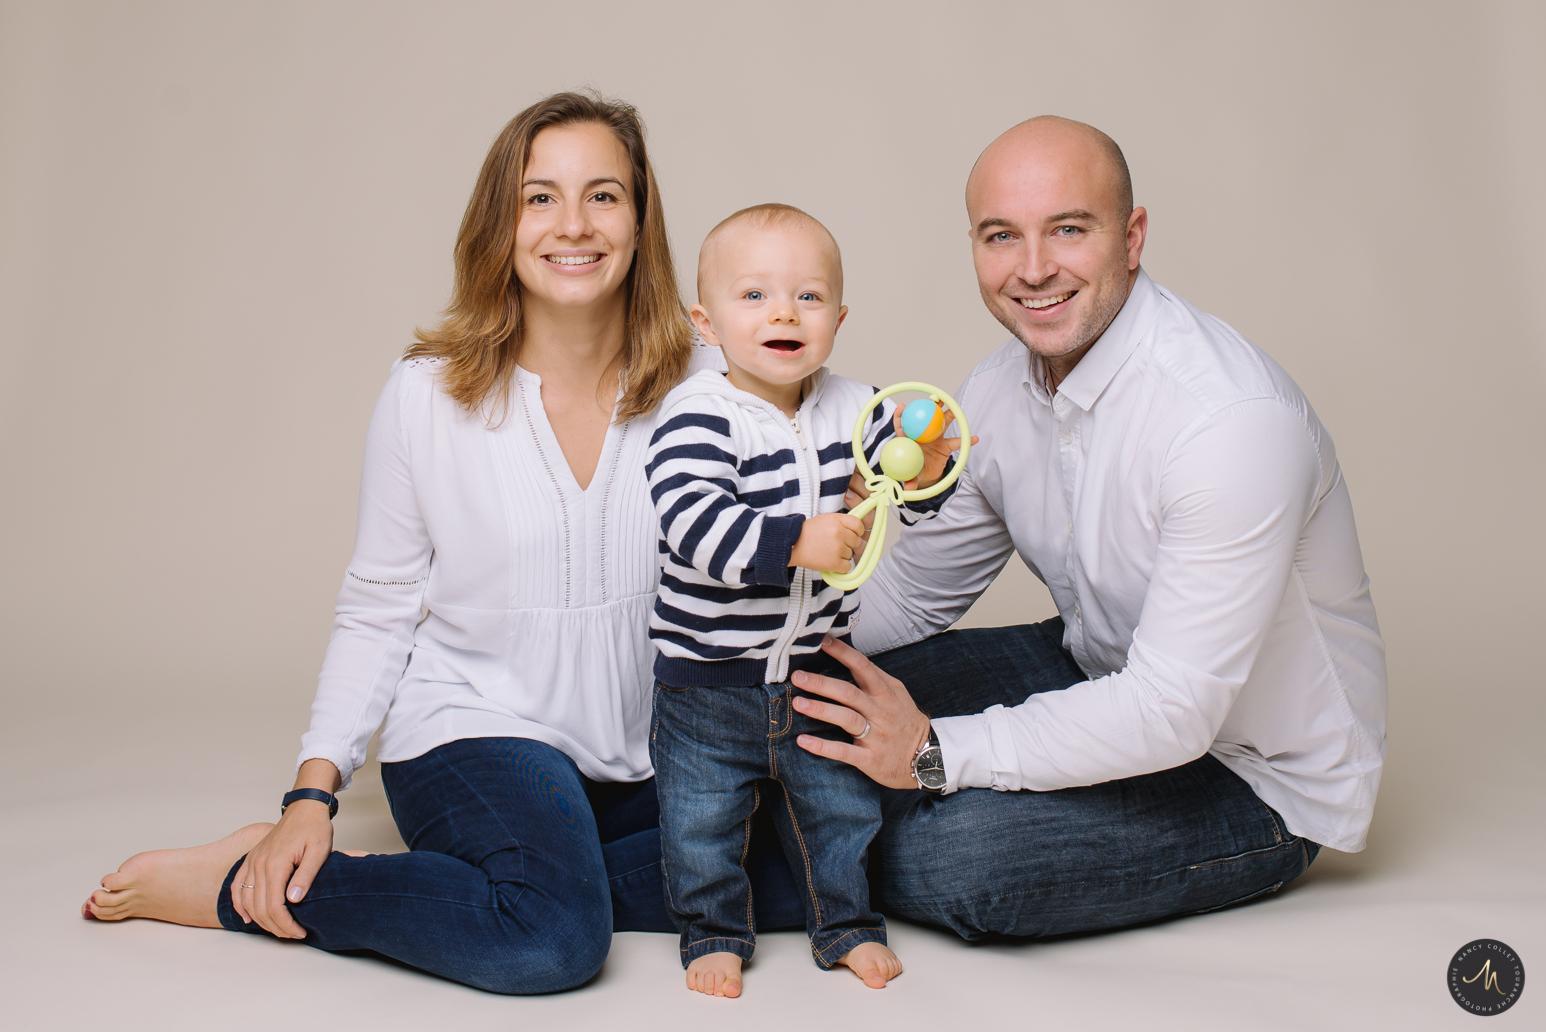 famille-photo-bébé-nancycollet